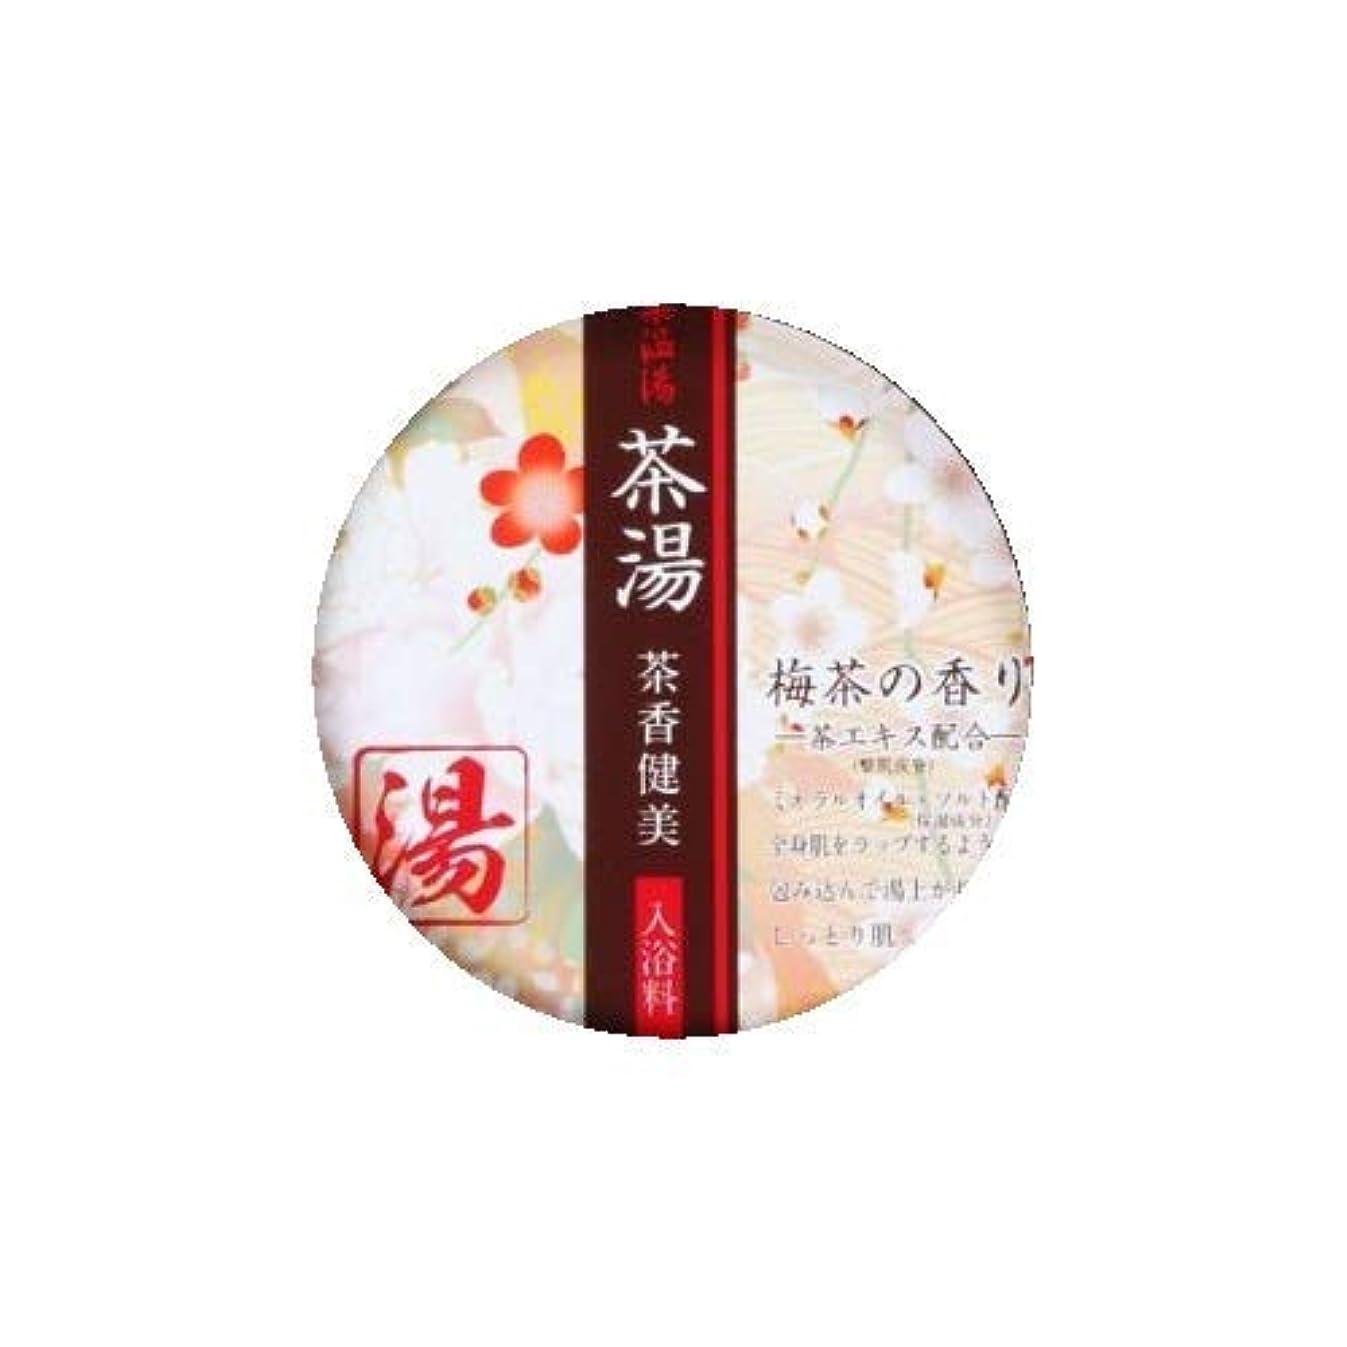 現れる扇動するガチョウ薬温湯 茶湯 入浴料 梅茶の香り POF-10U